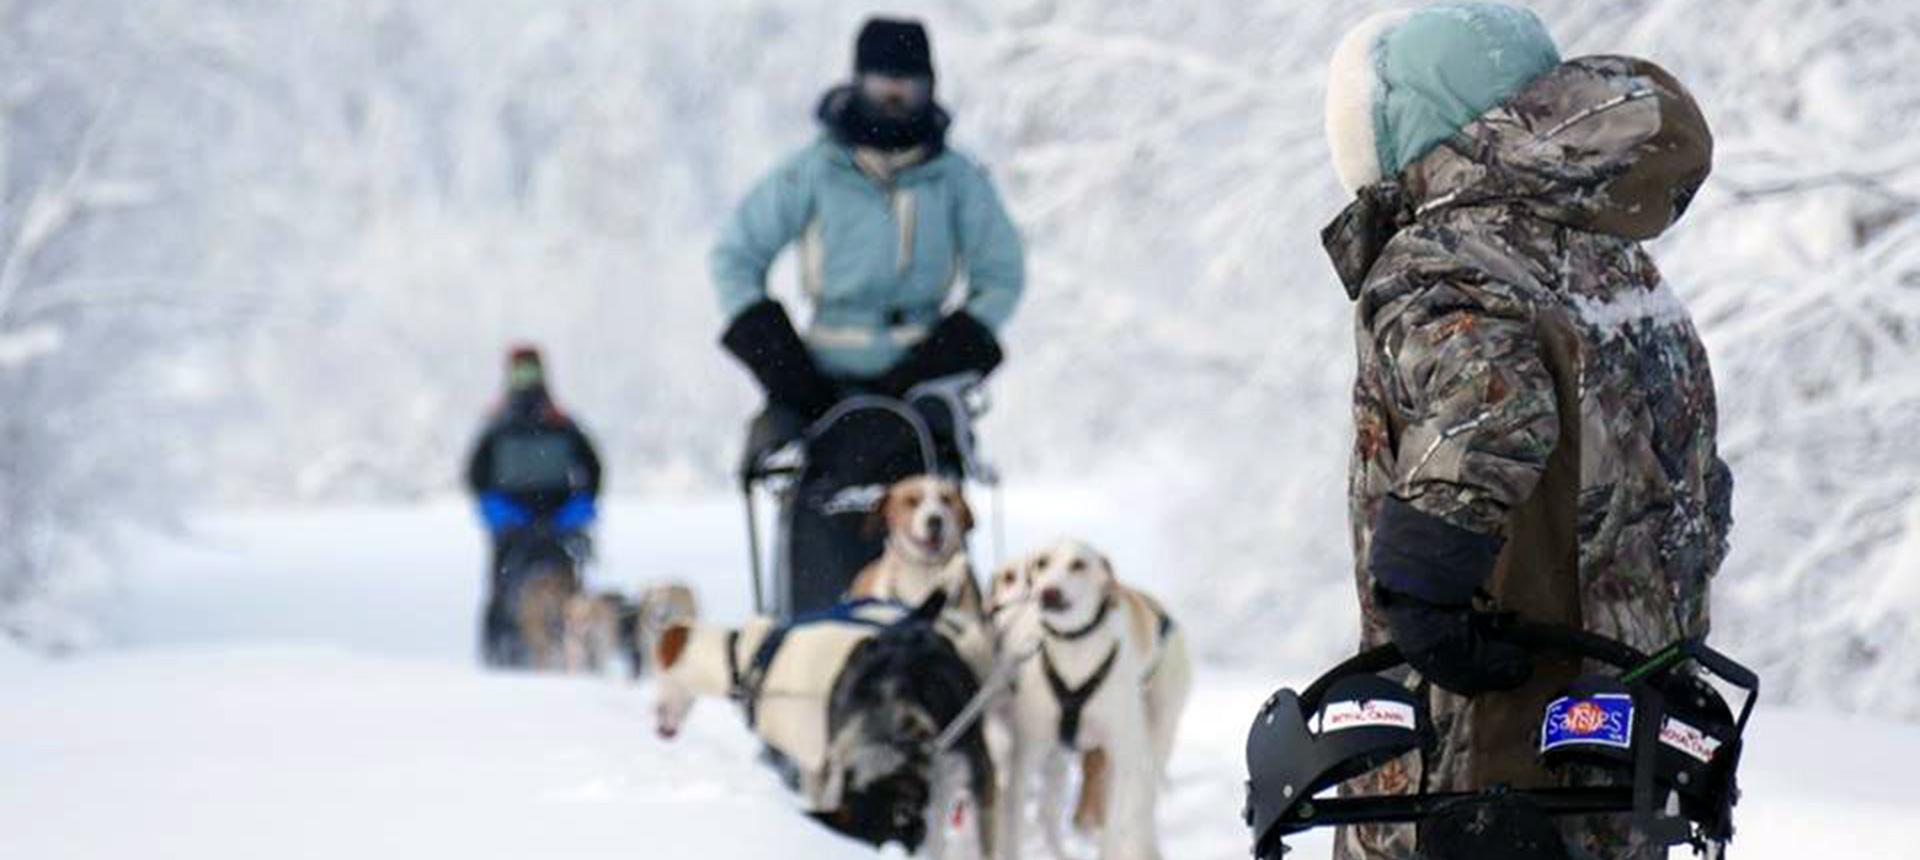 Le chien de traîneau est roi durant un séjour nature en Laponie !